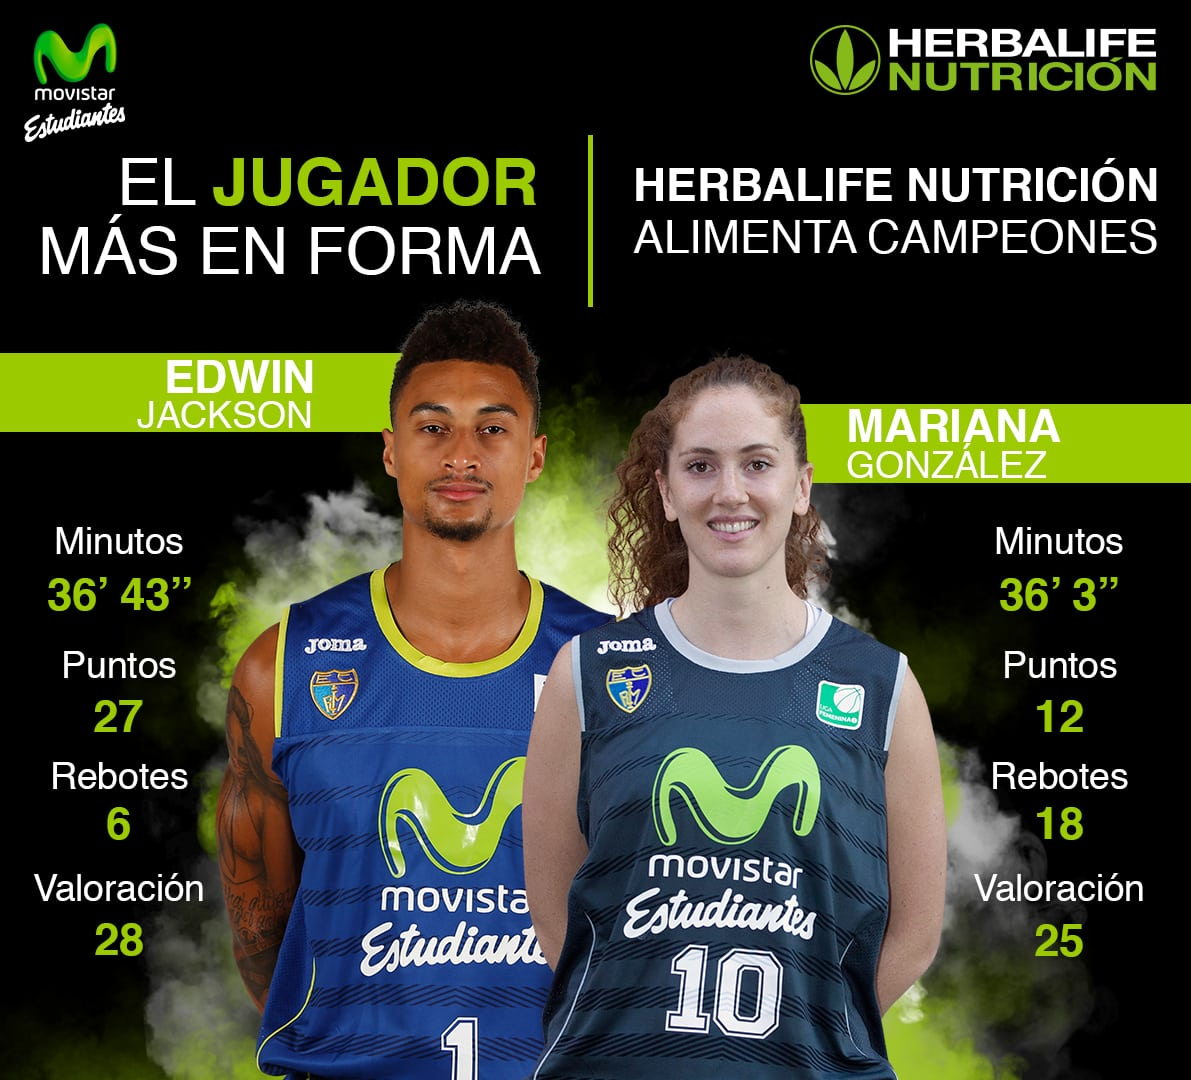 Herbalife presenta a los jugadores más en forma: Edwin Jackson y Mariana González